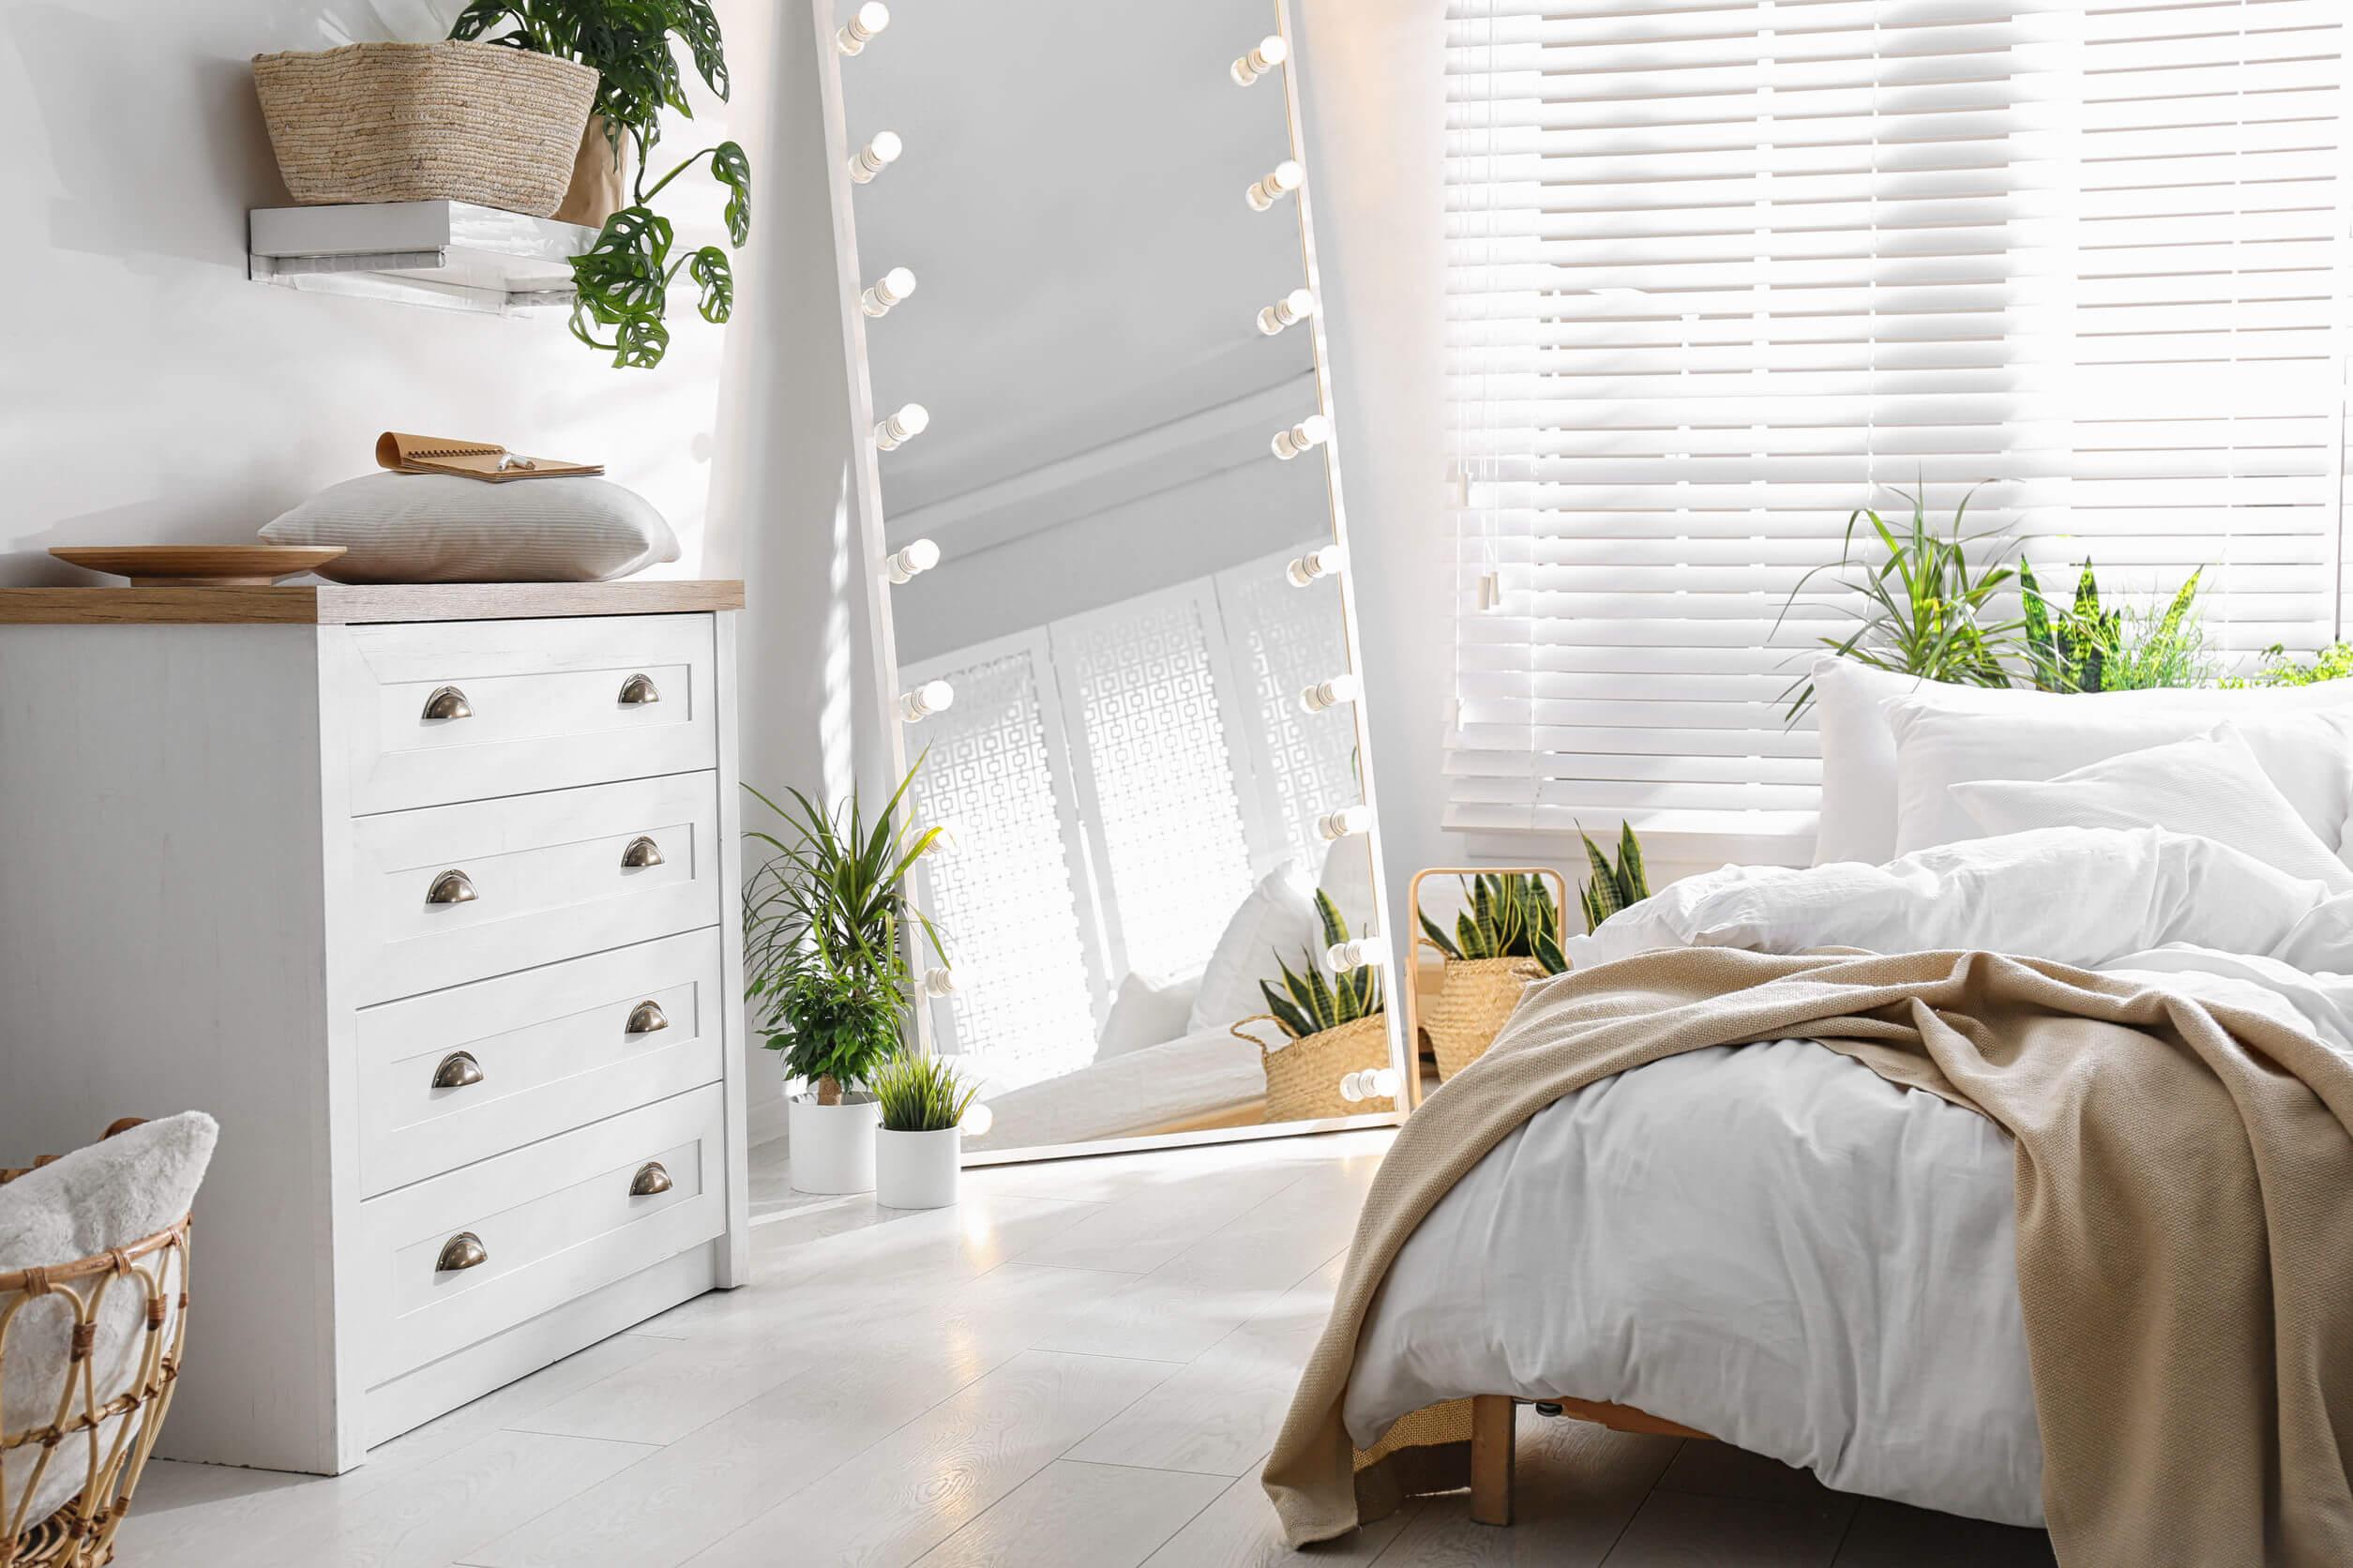 Soluciones de almacenaje para dormitorios pequeños